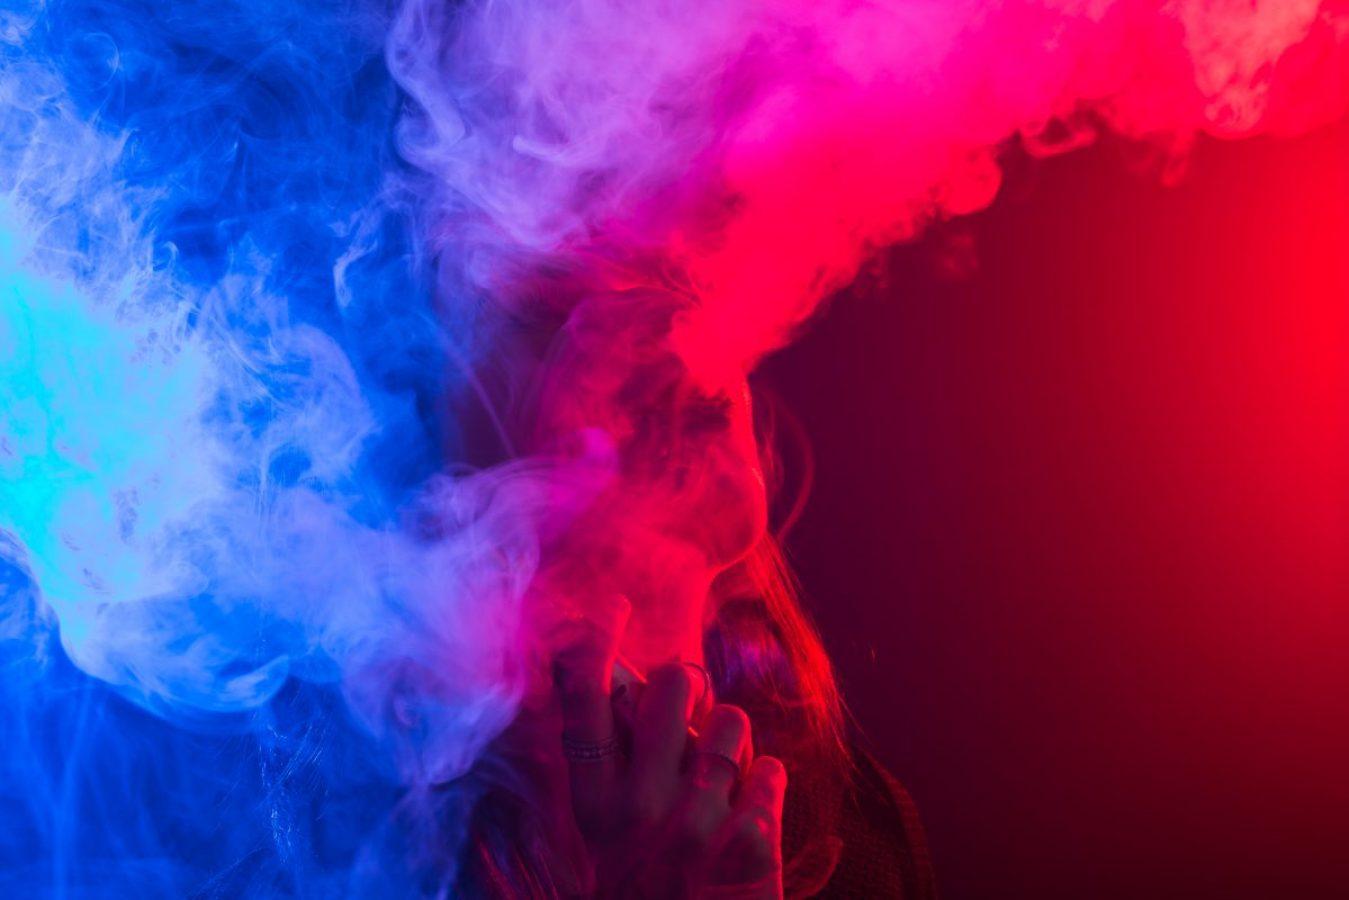 Haryana cracks down on online e-cigarette sales